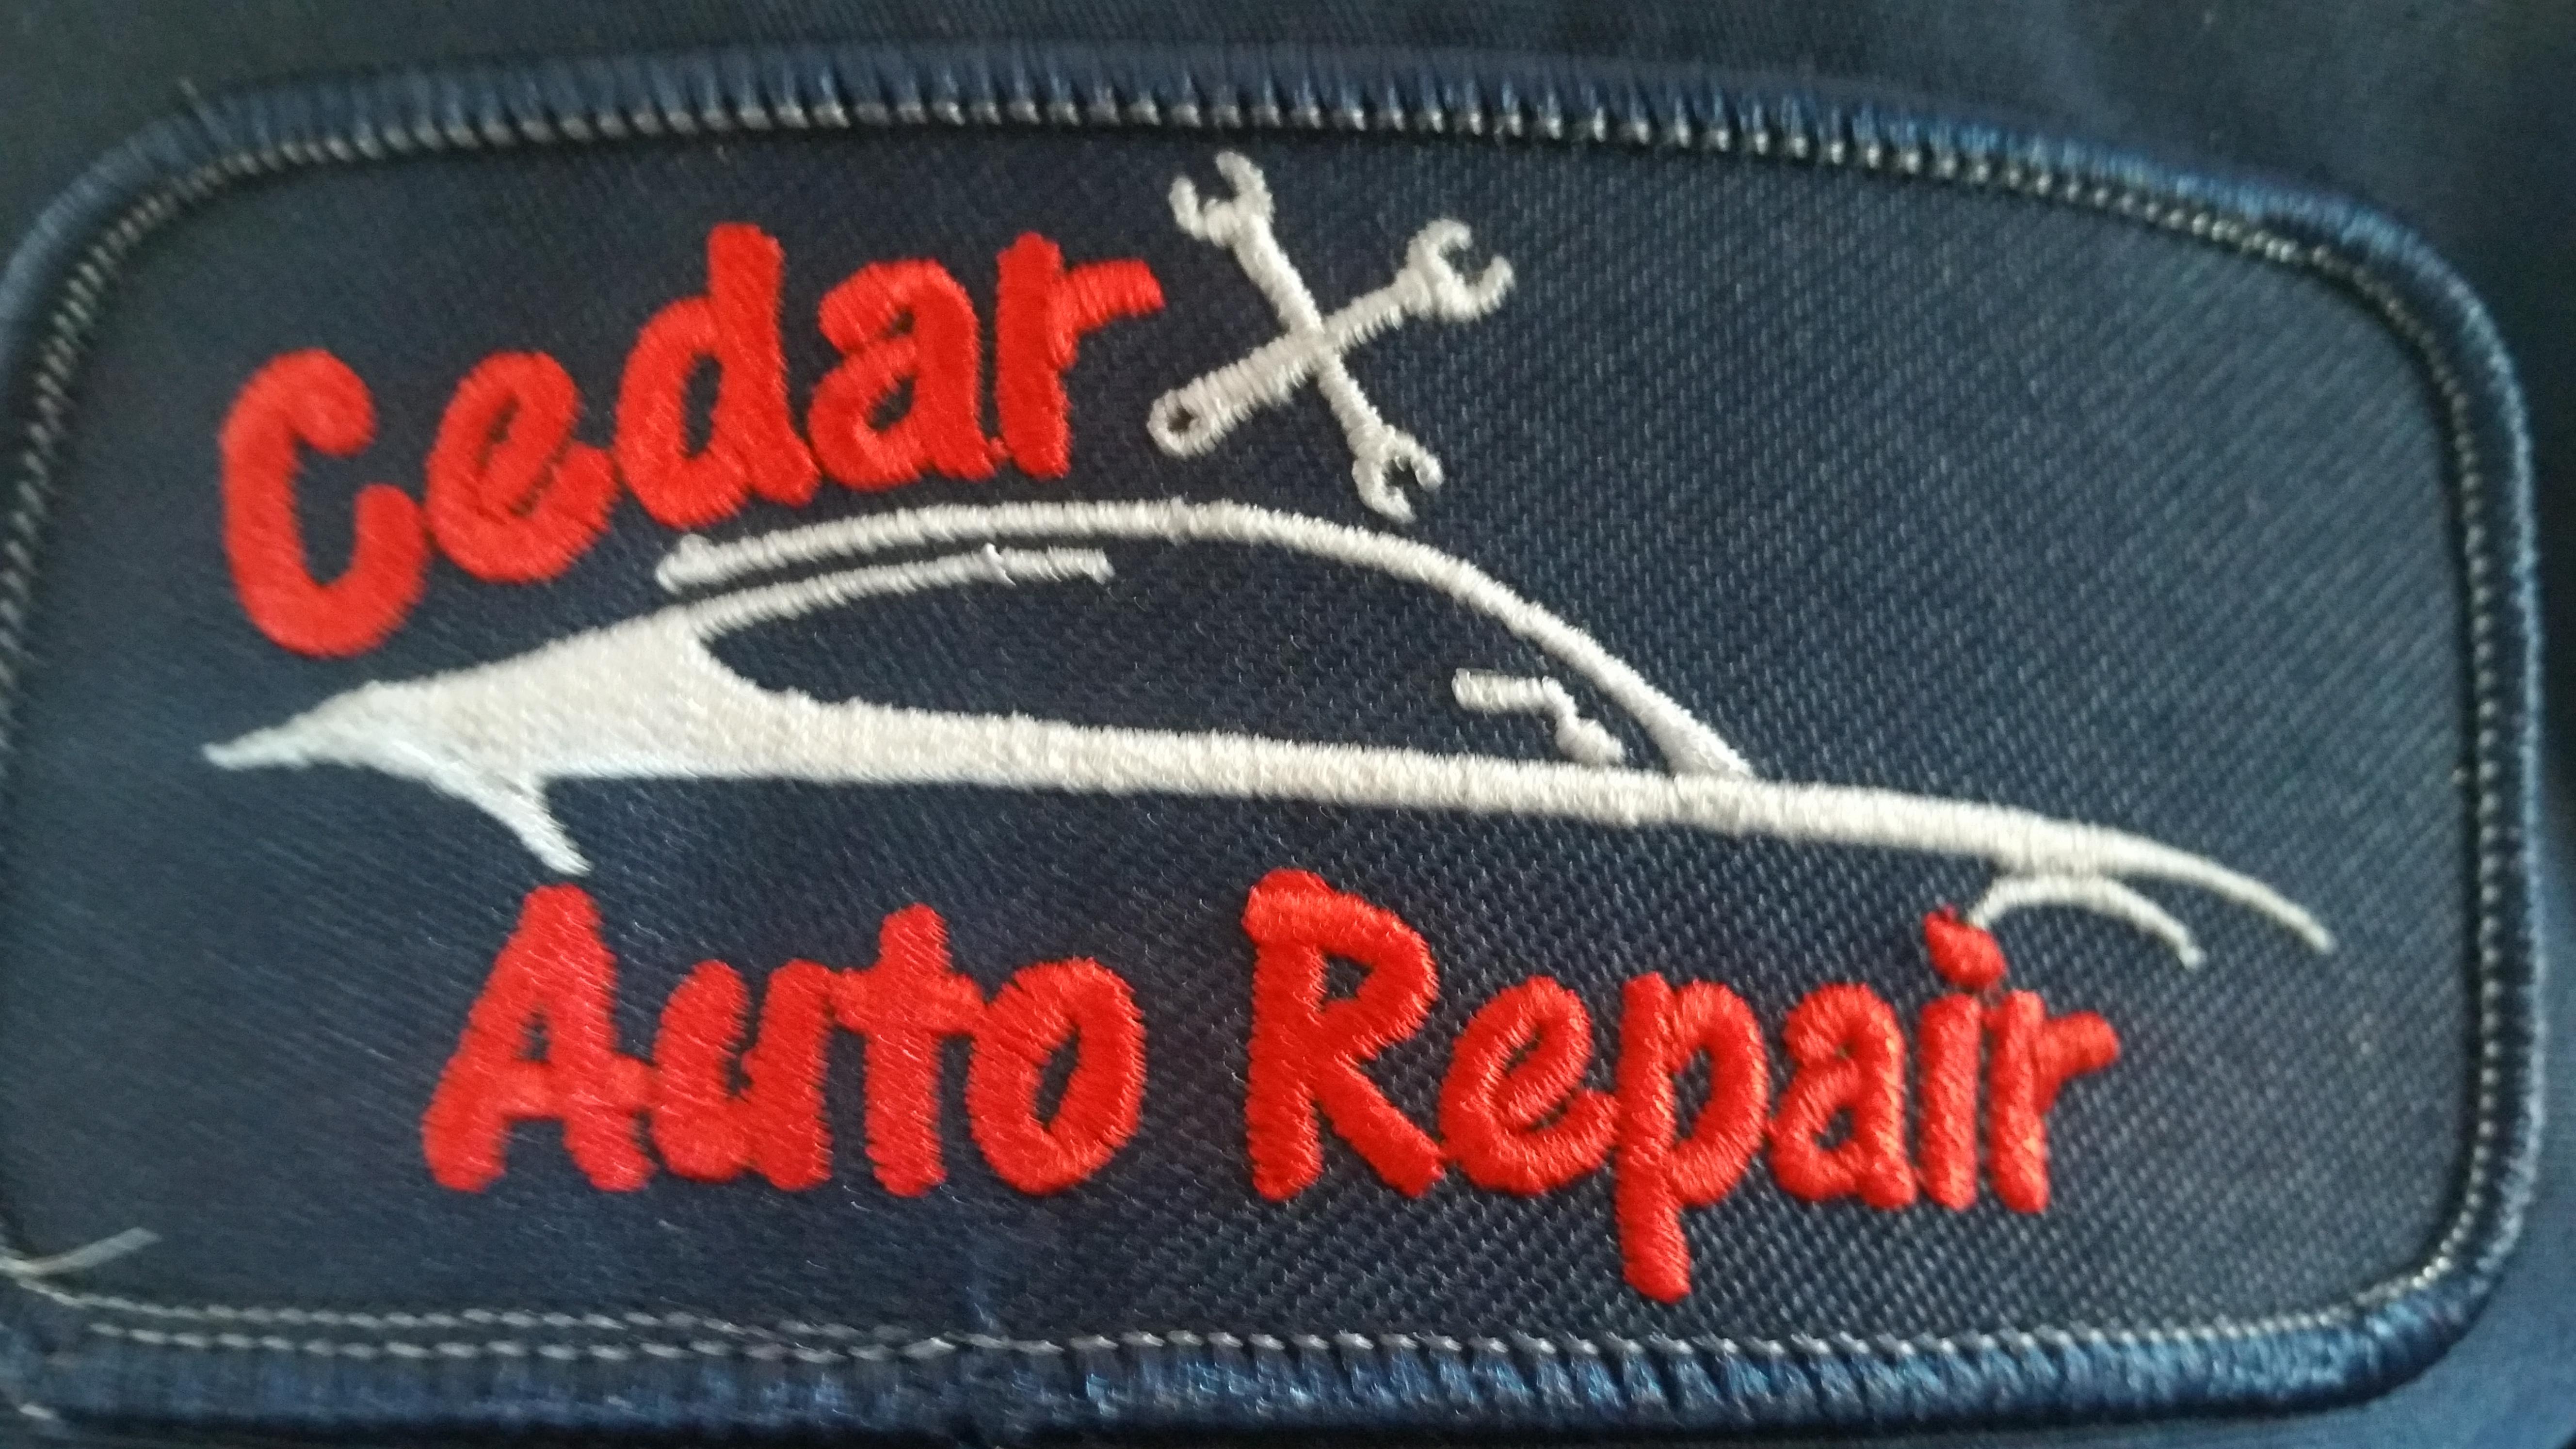 Cedar Auto Repair image 3